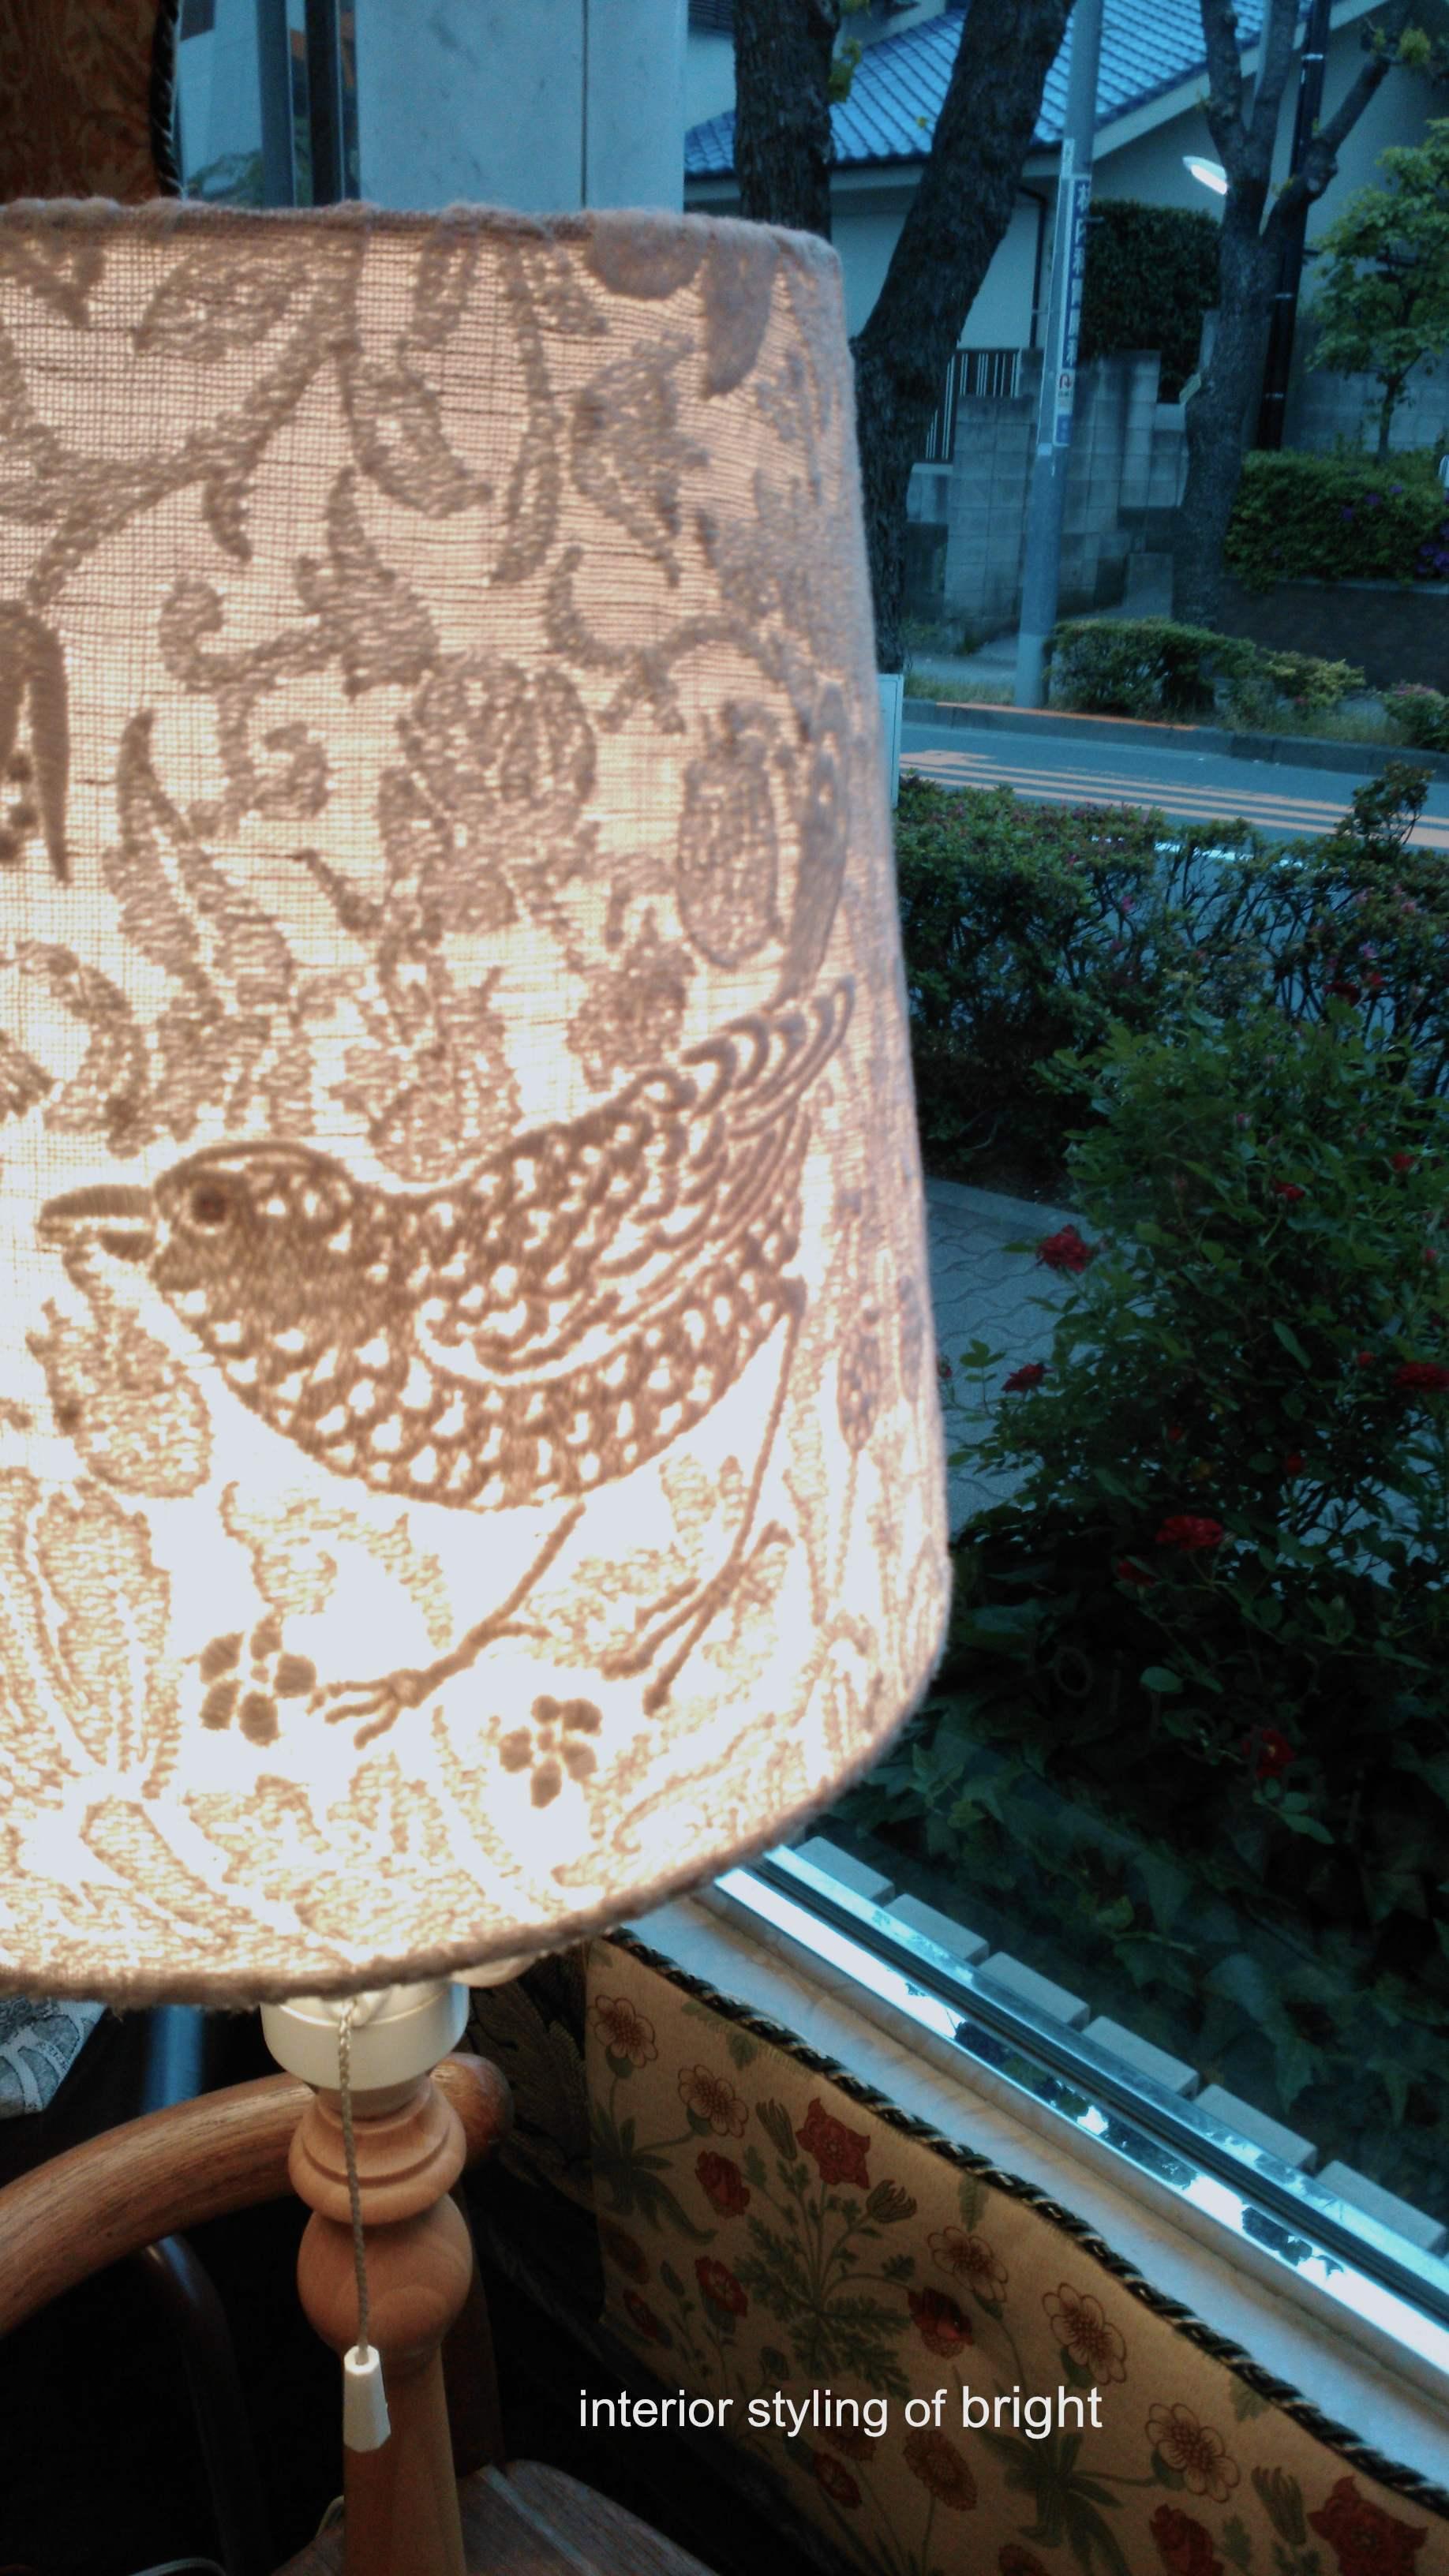 ピュアモリス ランプシェード張替『いちご泥棒』 ウィリアムモリス正規販売店のブライト_c0157866_19582486.jpg